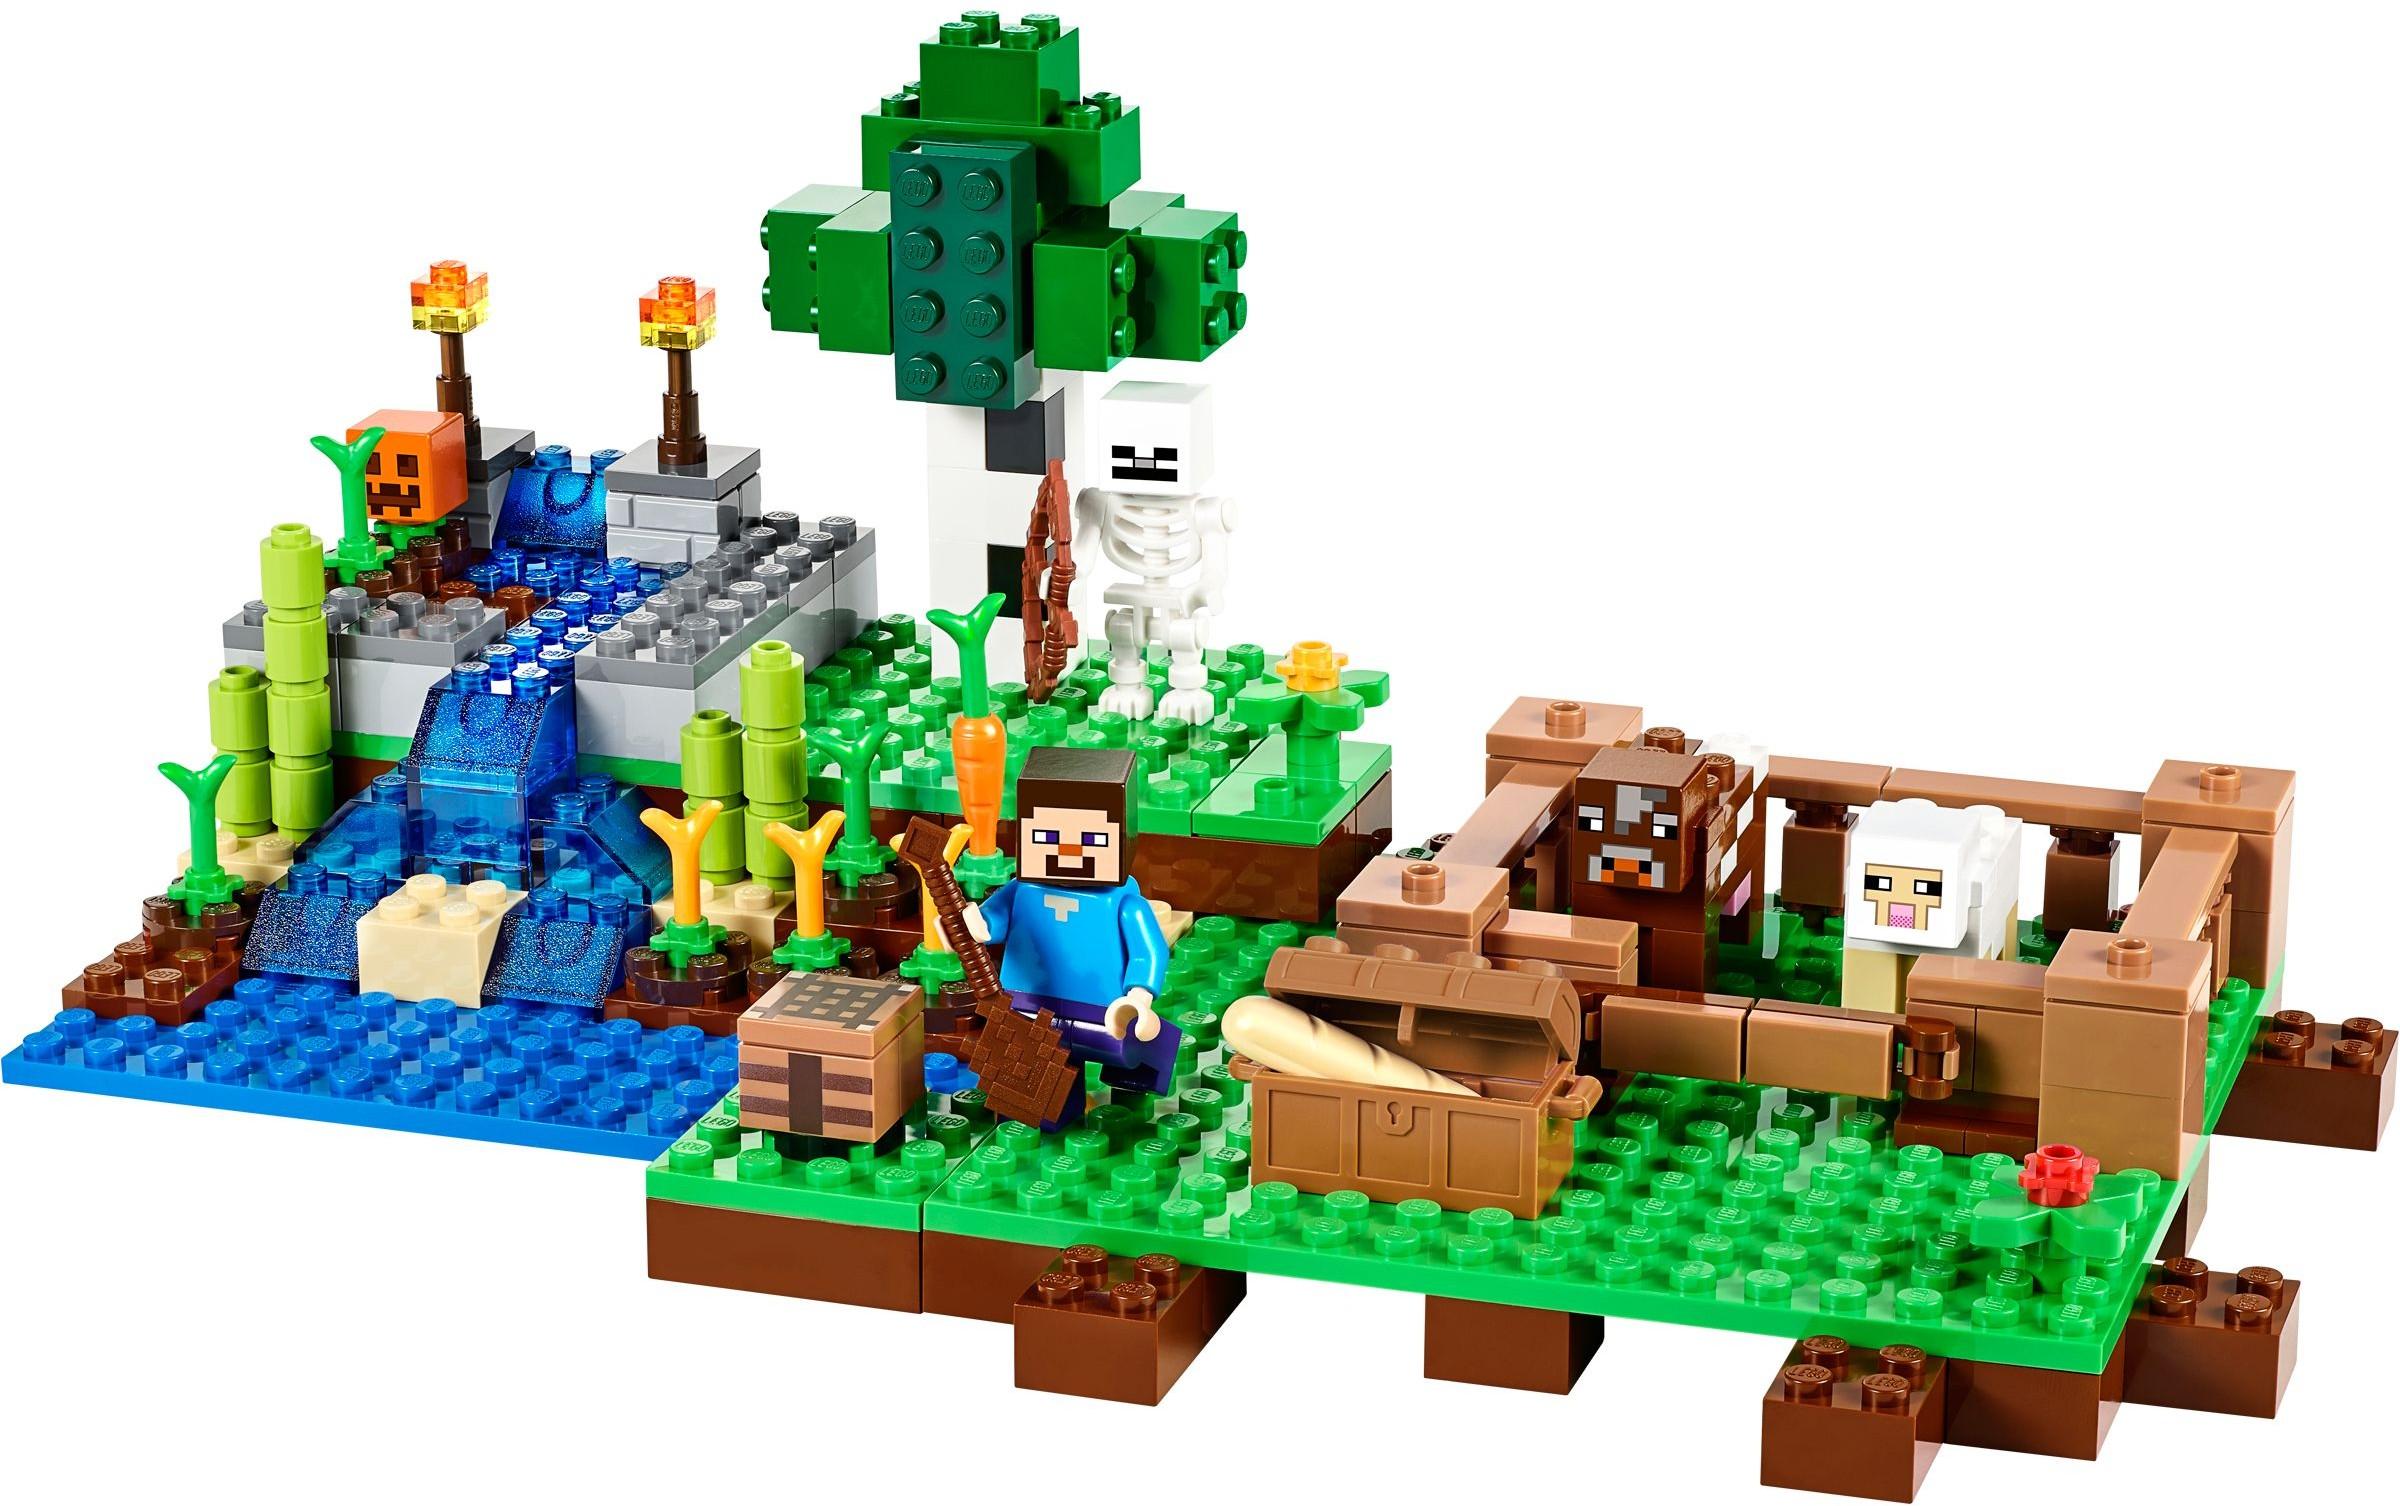 Minecraft Brickset Lego Set Guide And Database